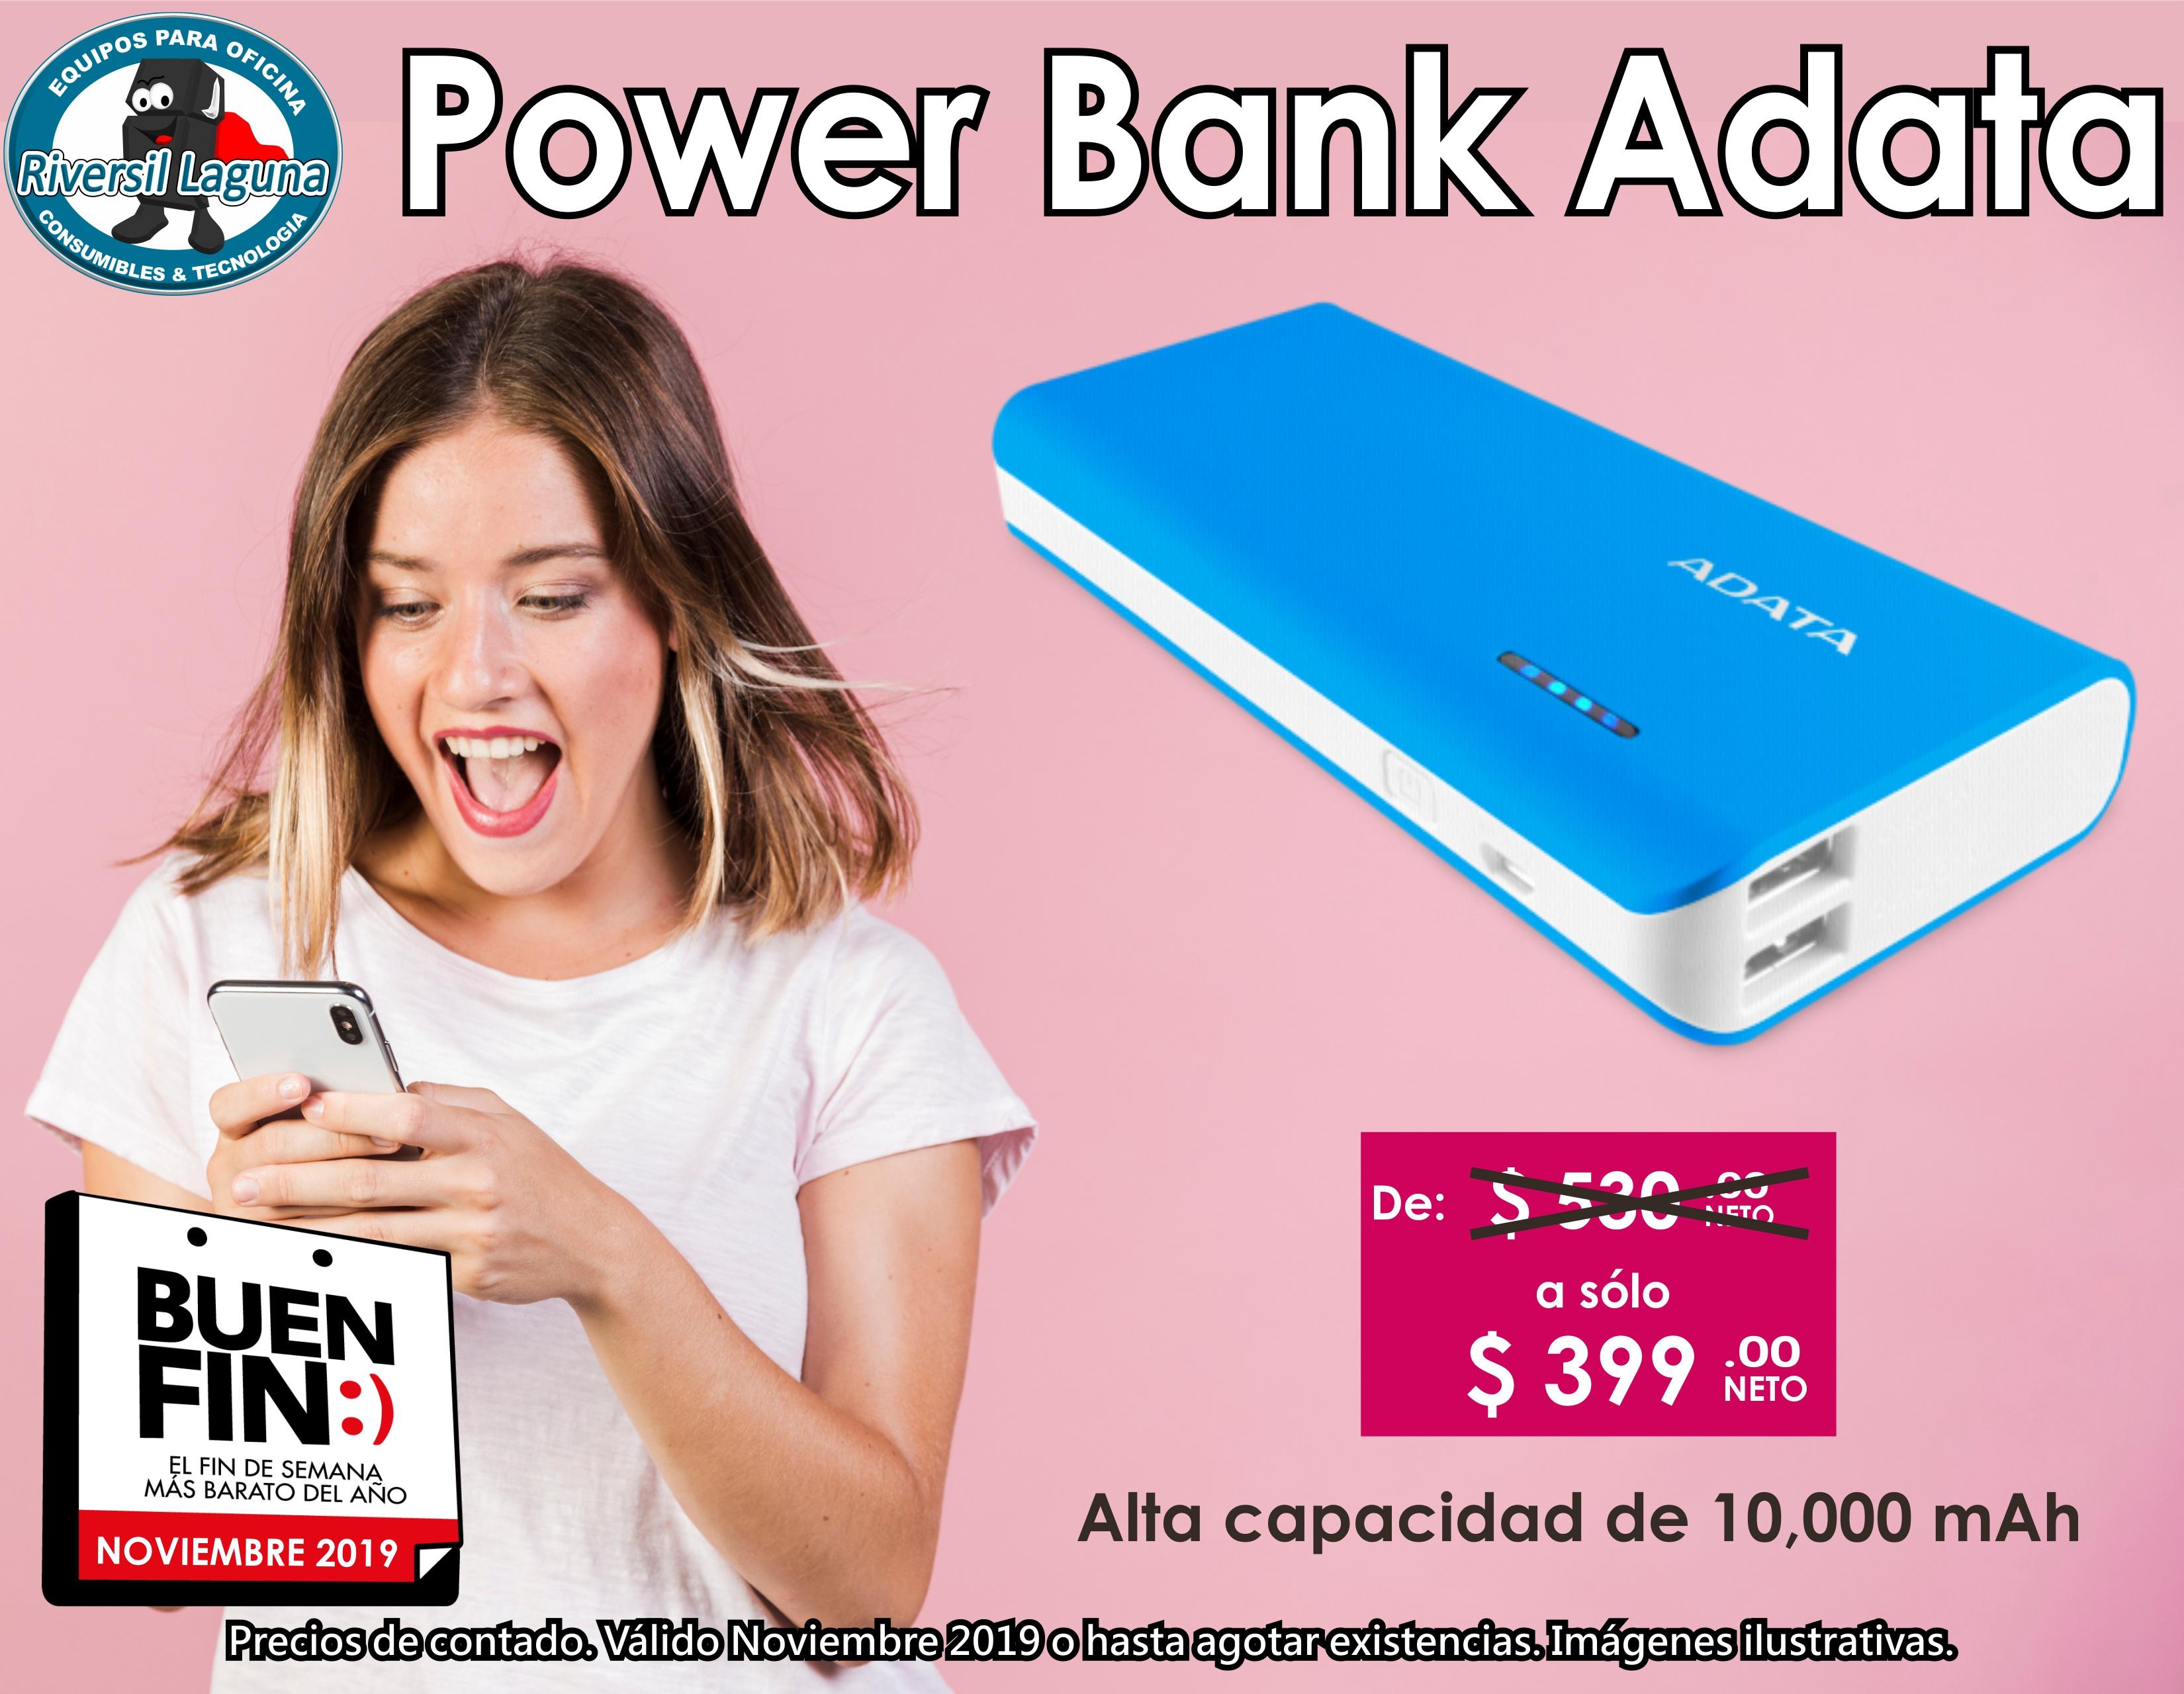 https://0201.nccdn.net/1_2/000/000/153/679/11-POWER-BANK-ADATA-3300x2560.jpg